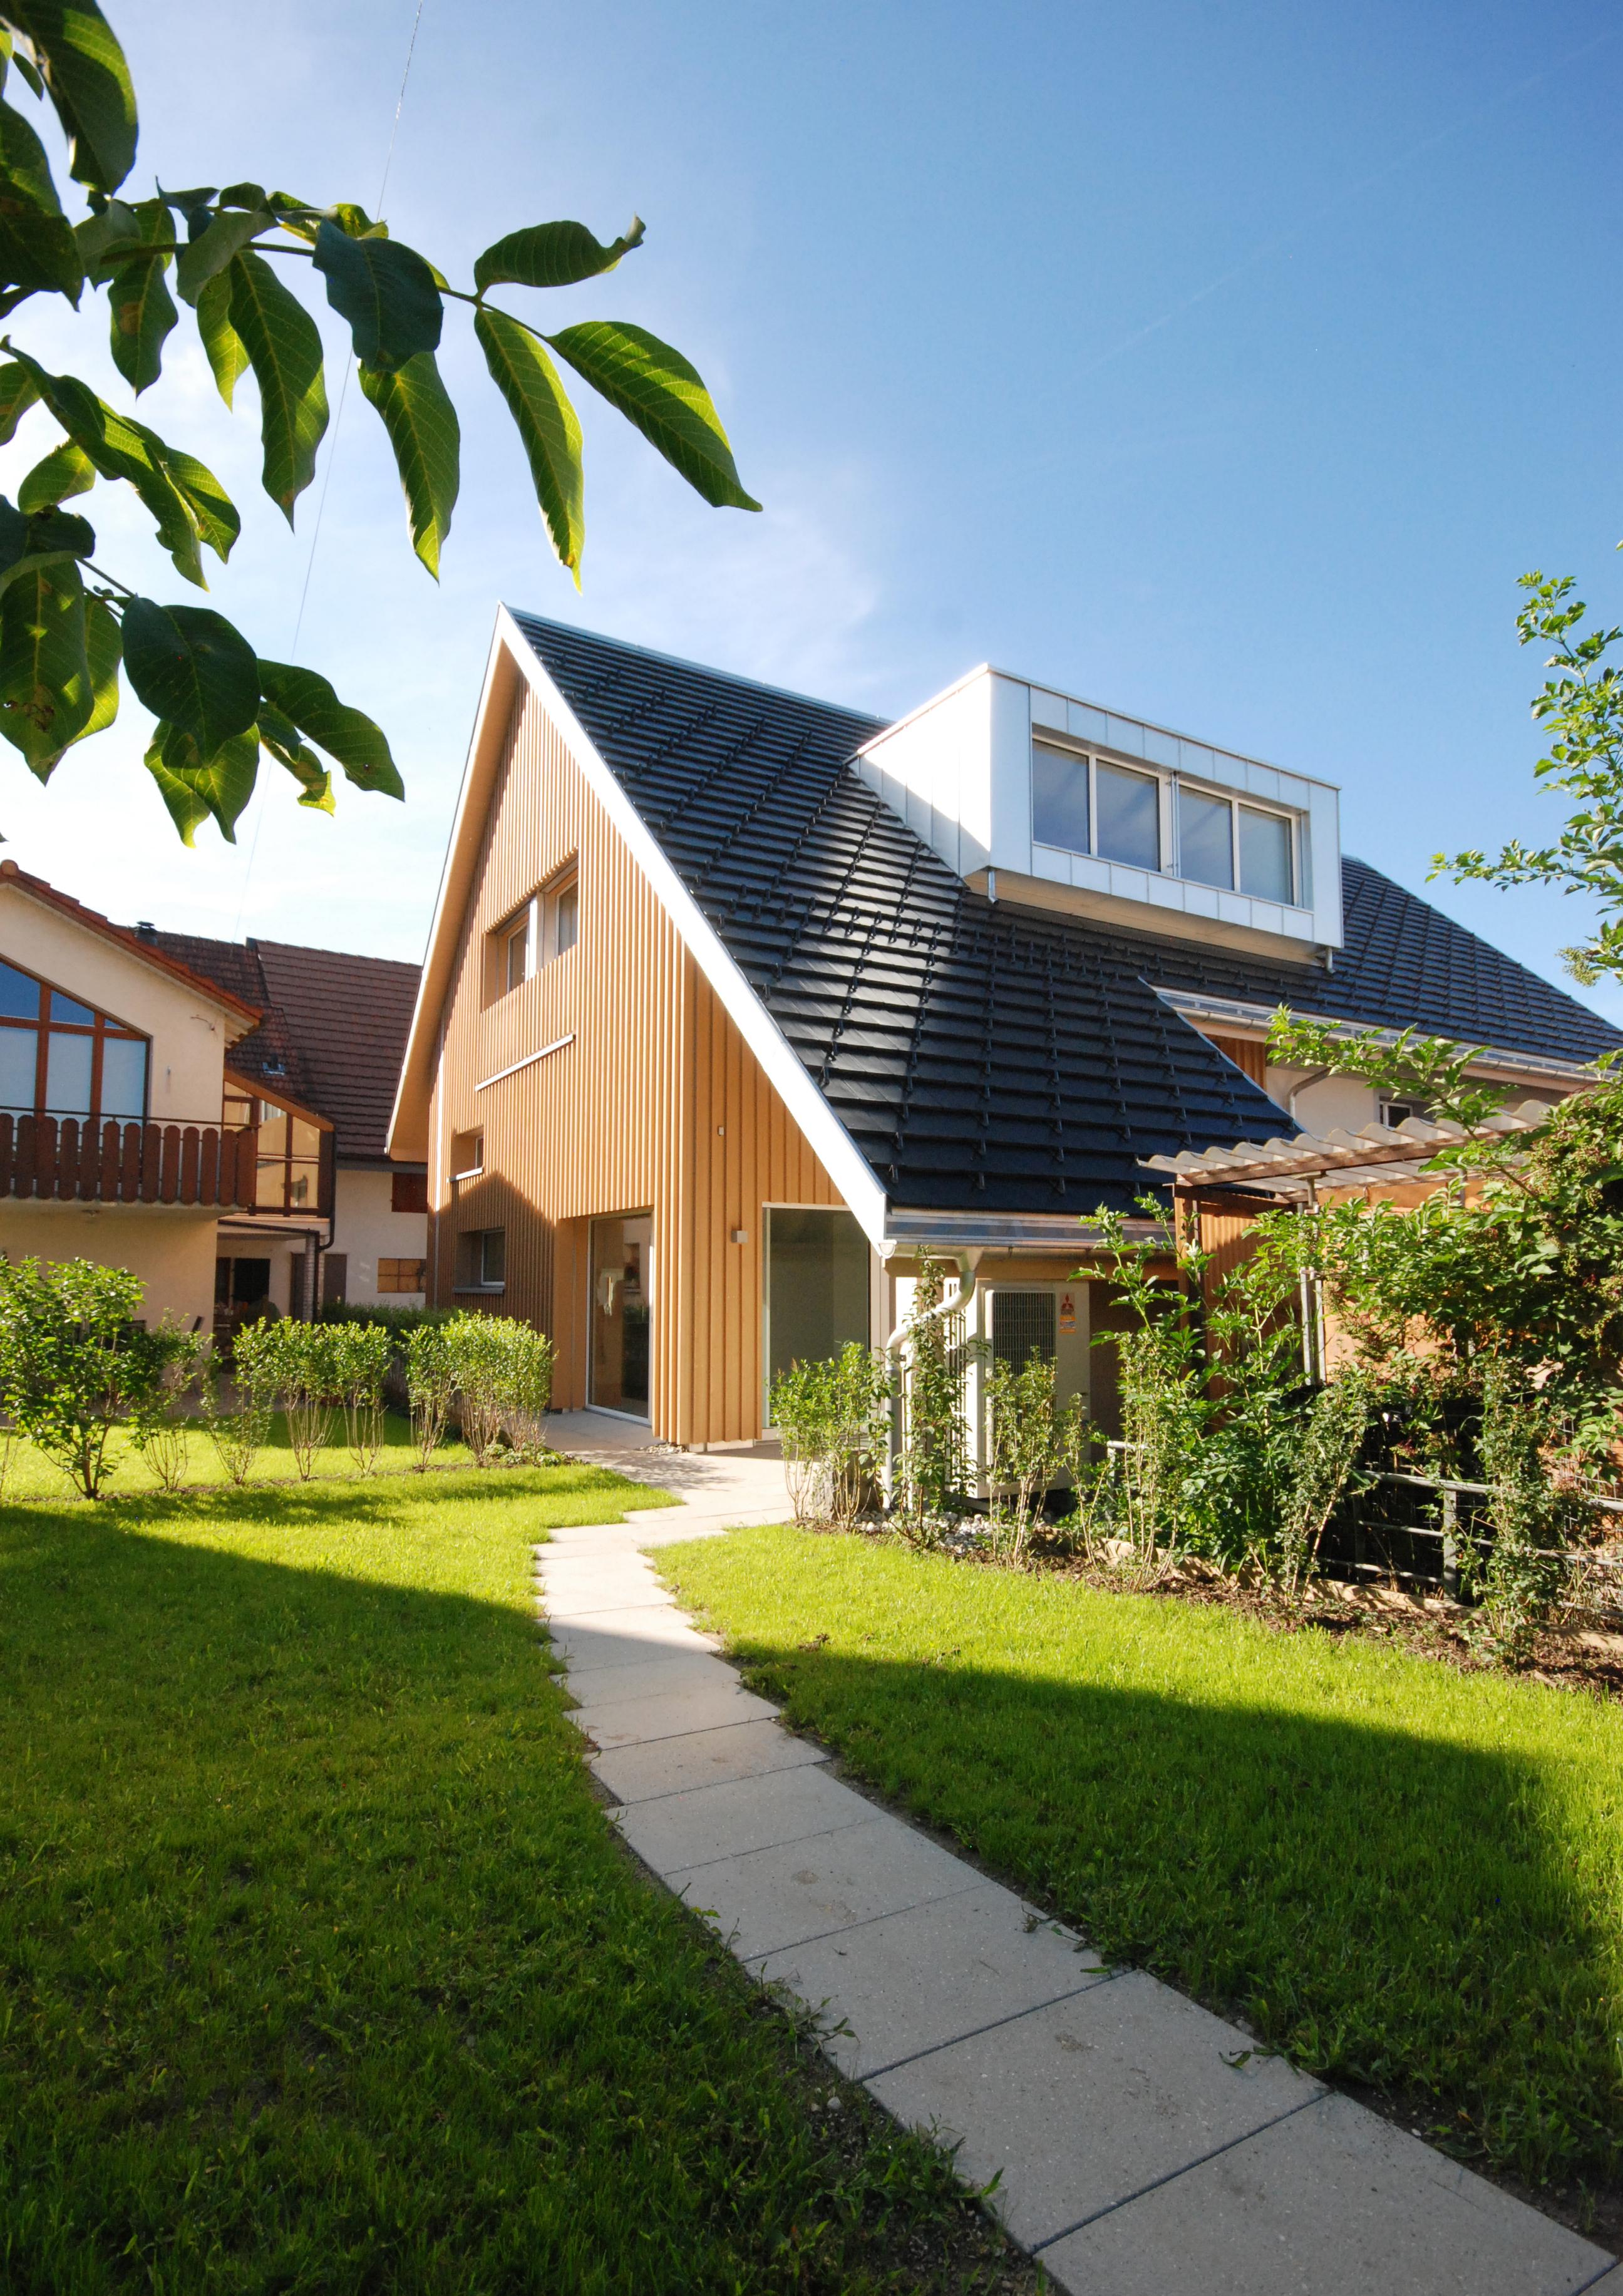 checkliste küchenbau - bogen design, innenarchitektur, Innenarchitektur ideen